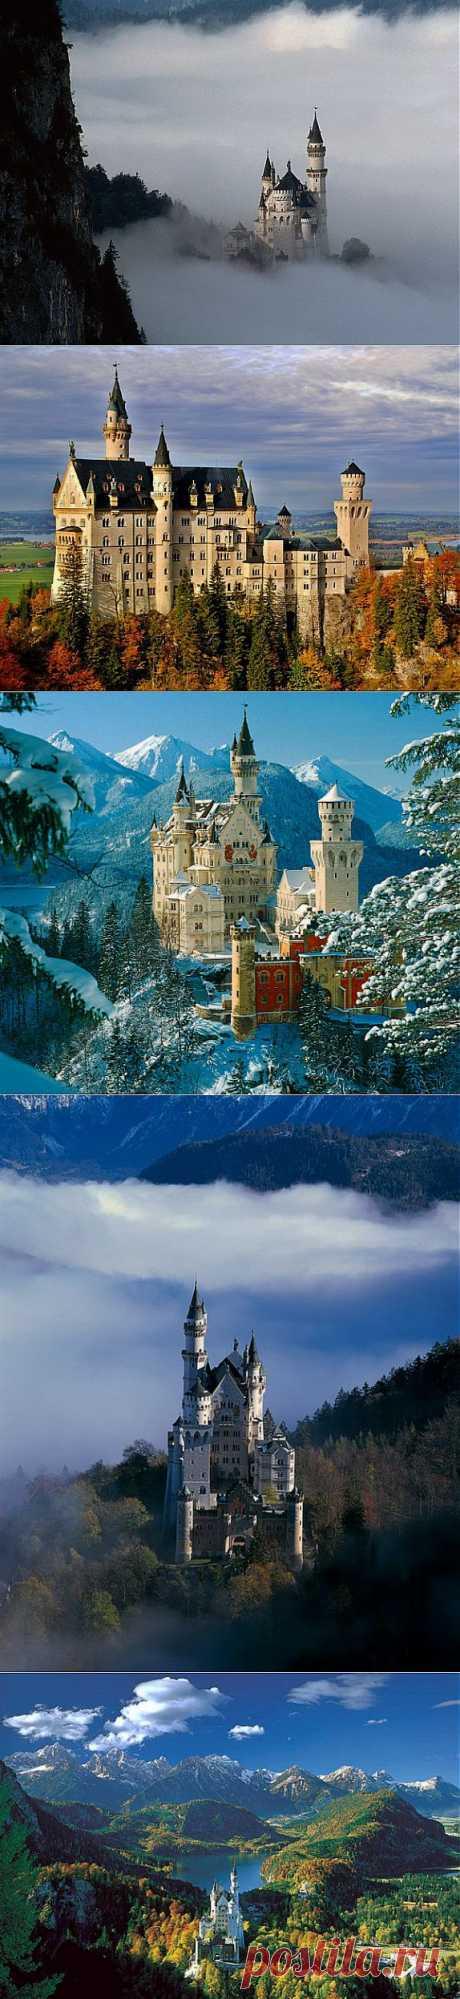 Самый ошеломительно красивый замок в мире